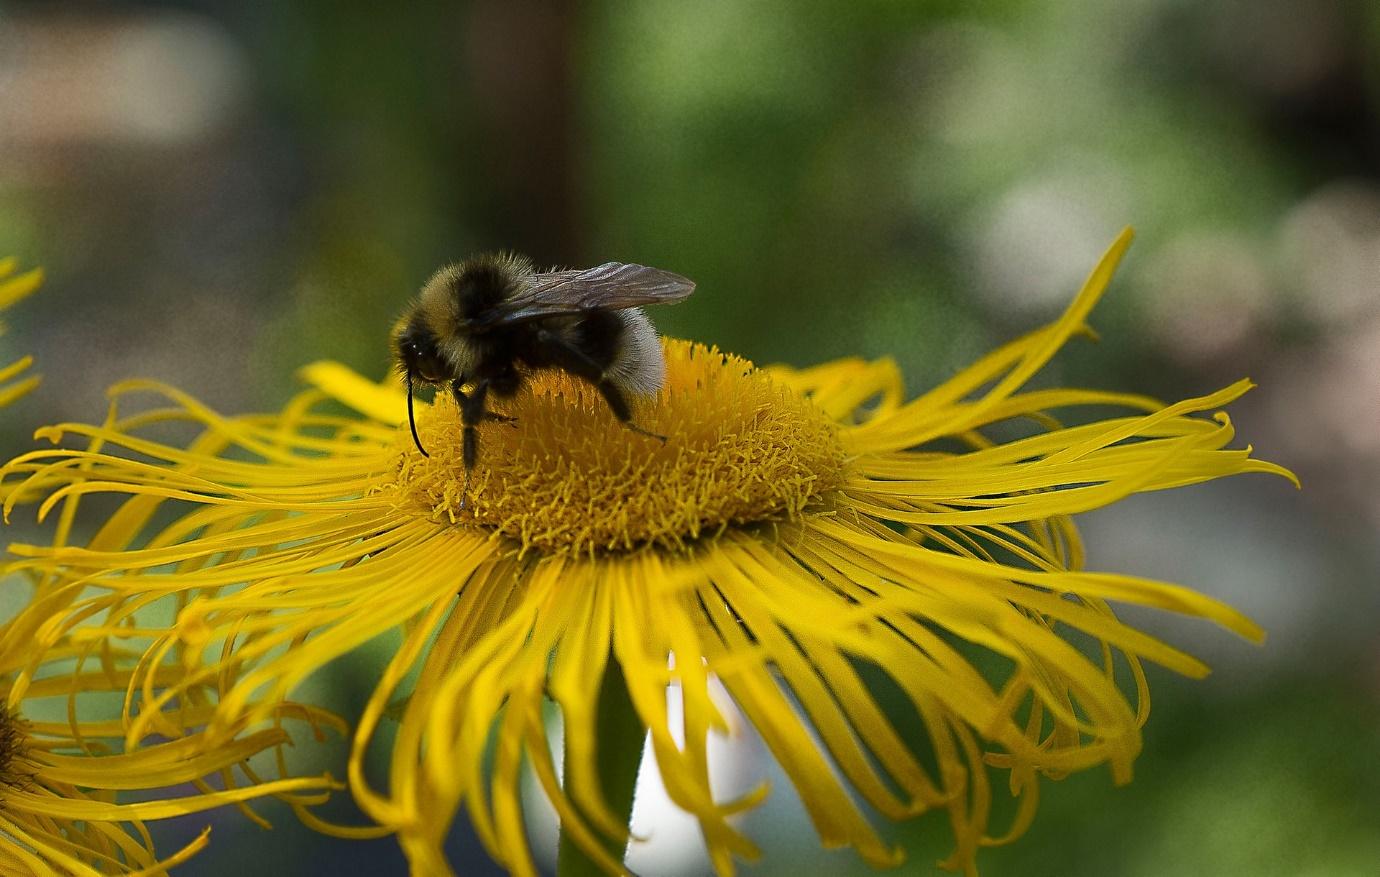 Autumn gardening jobs – bees